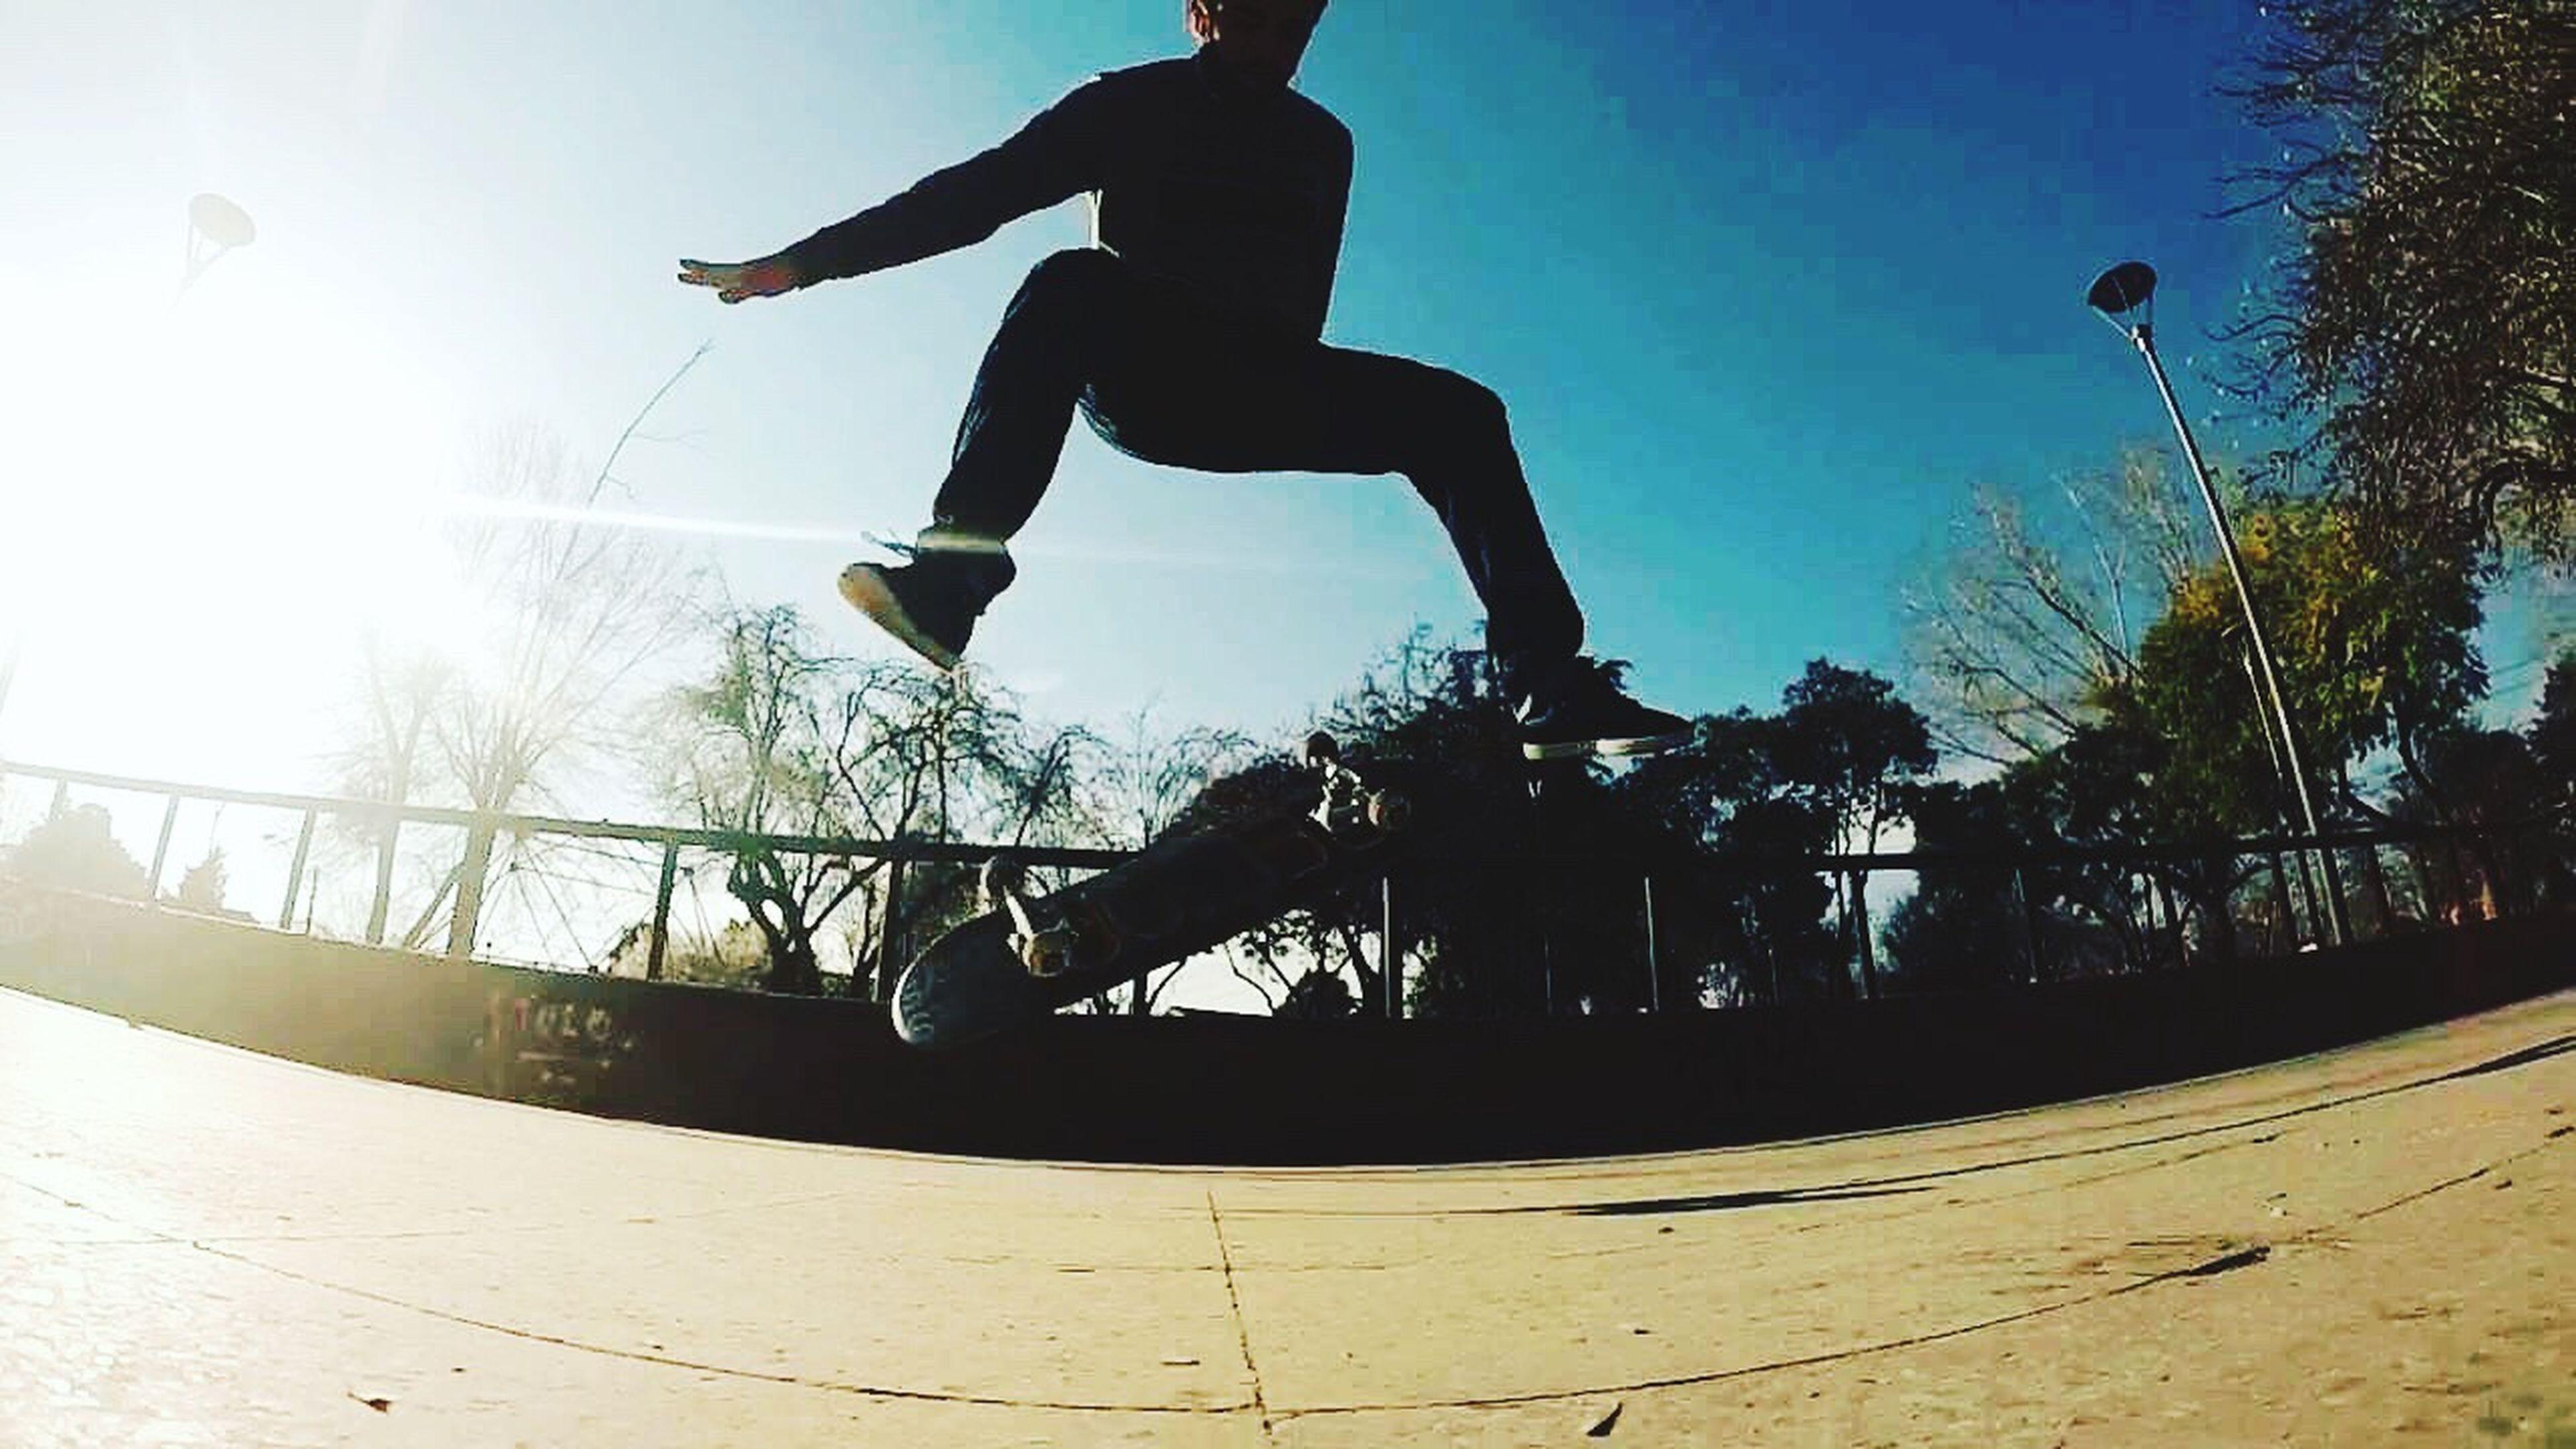 Kickflip Skate Skateboarding Skatelife Skater First Eyeem Photo